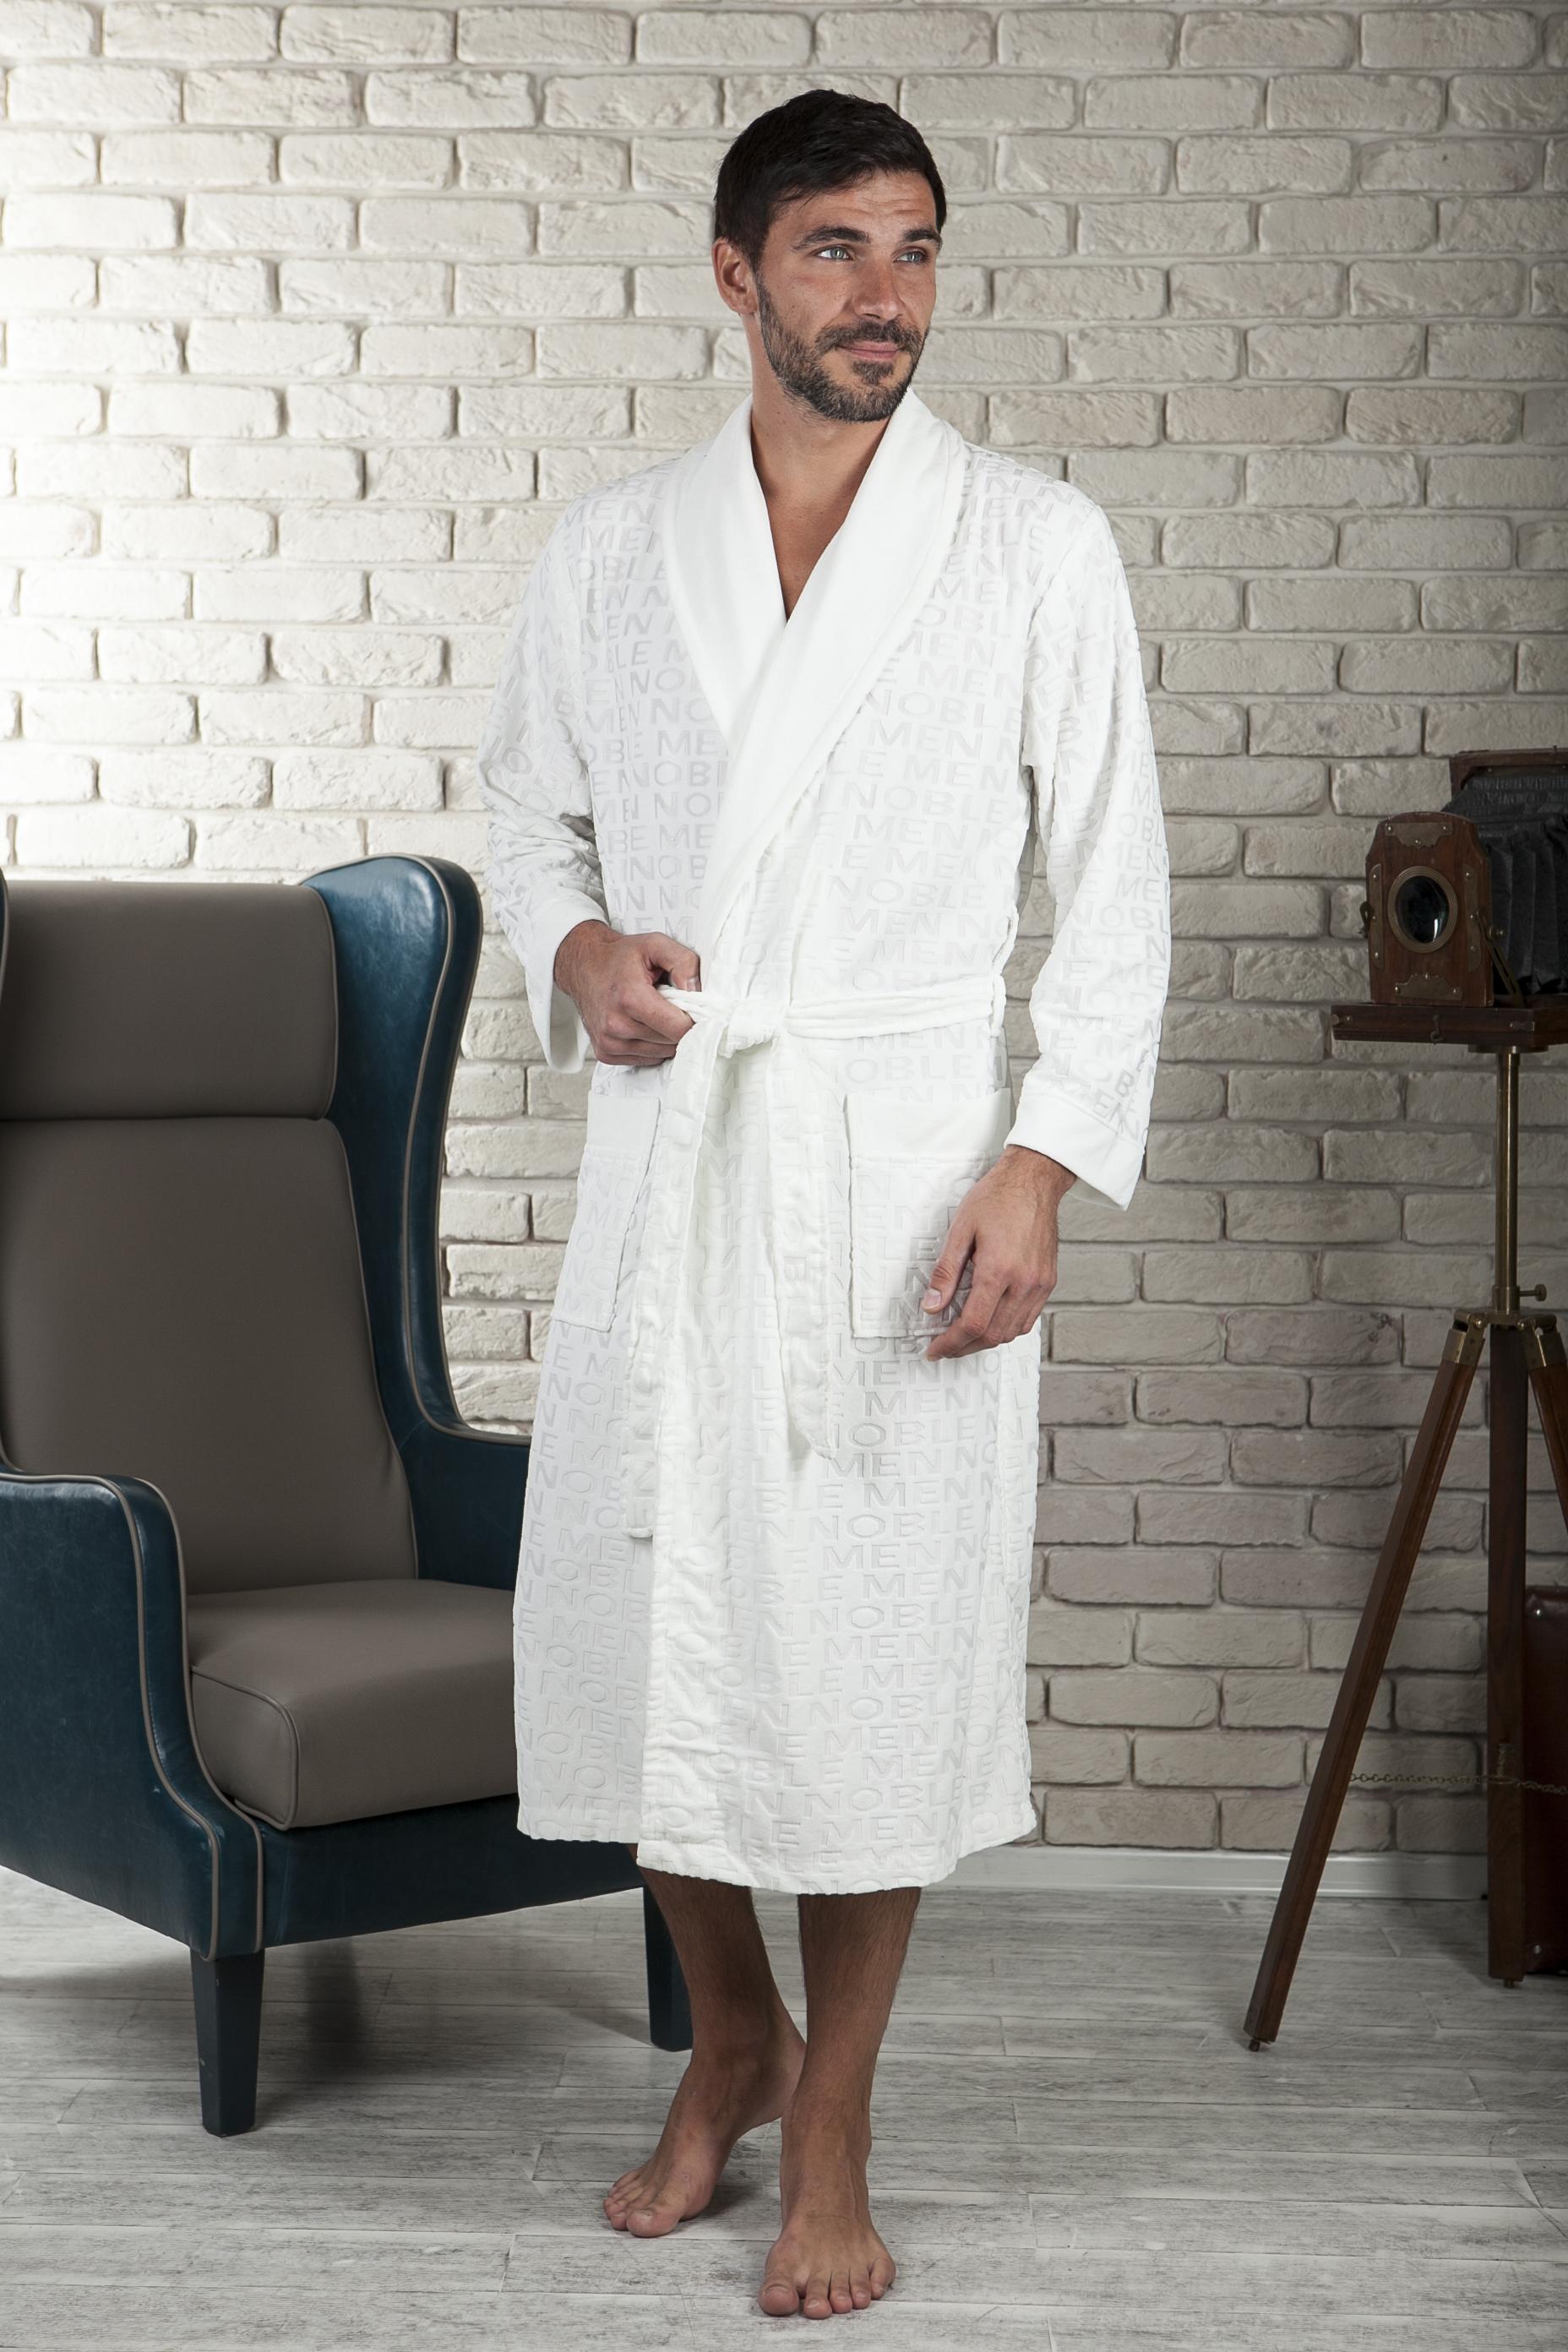 463Облегченный мужской халат из тонкого бамбукового велюра с оригинальным принтом в виде надписей. Легкий, комфортный, современный халат.